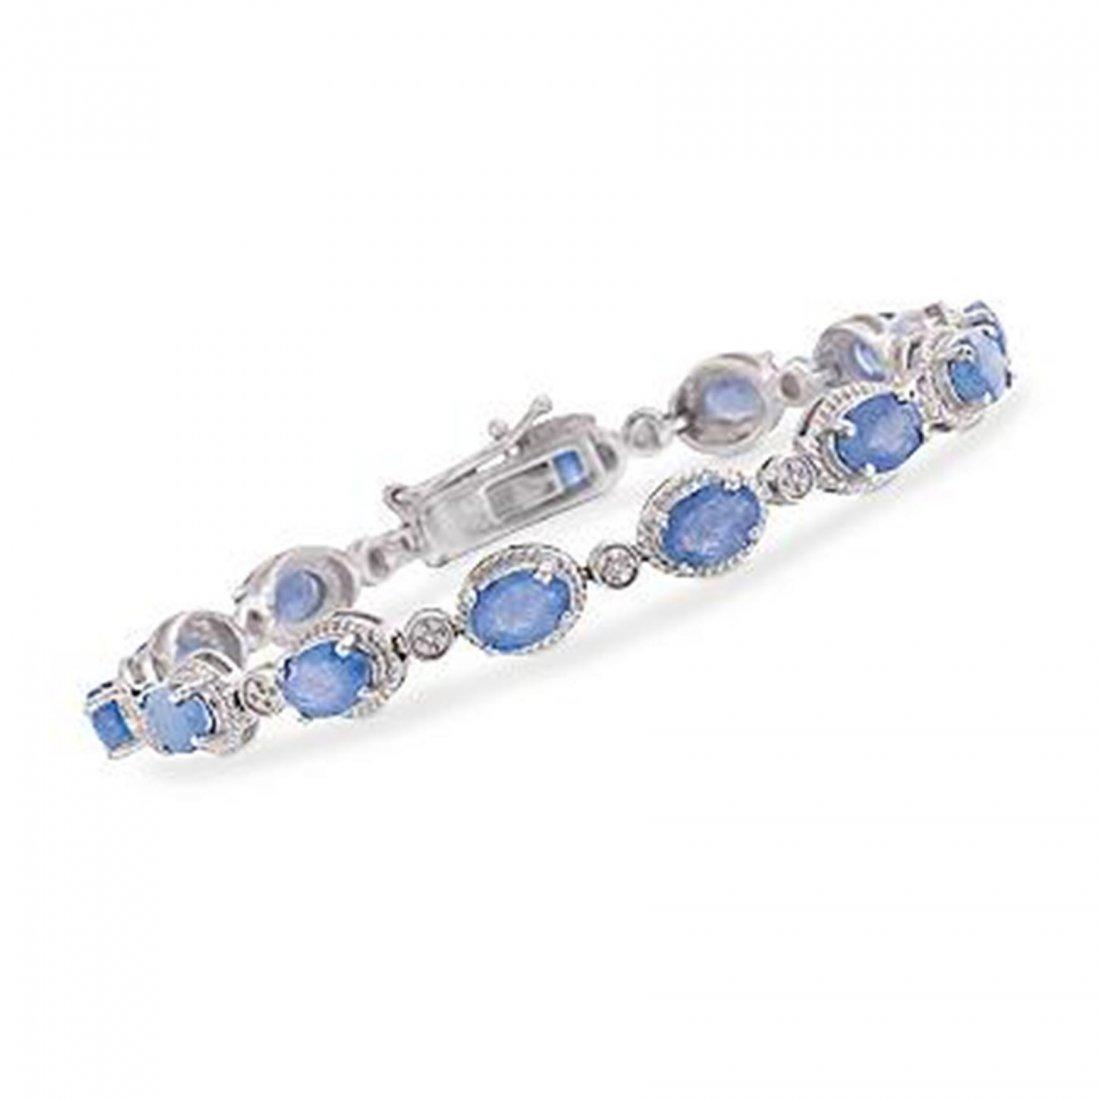 9.10 ct. t.w. Tanzanite Bracelet With Diamonds